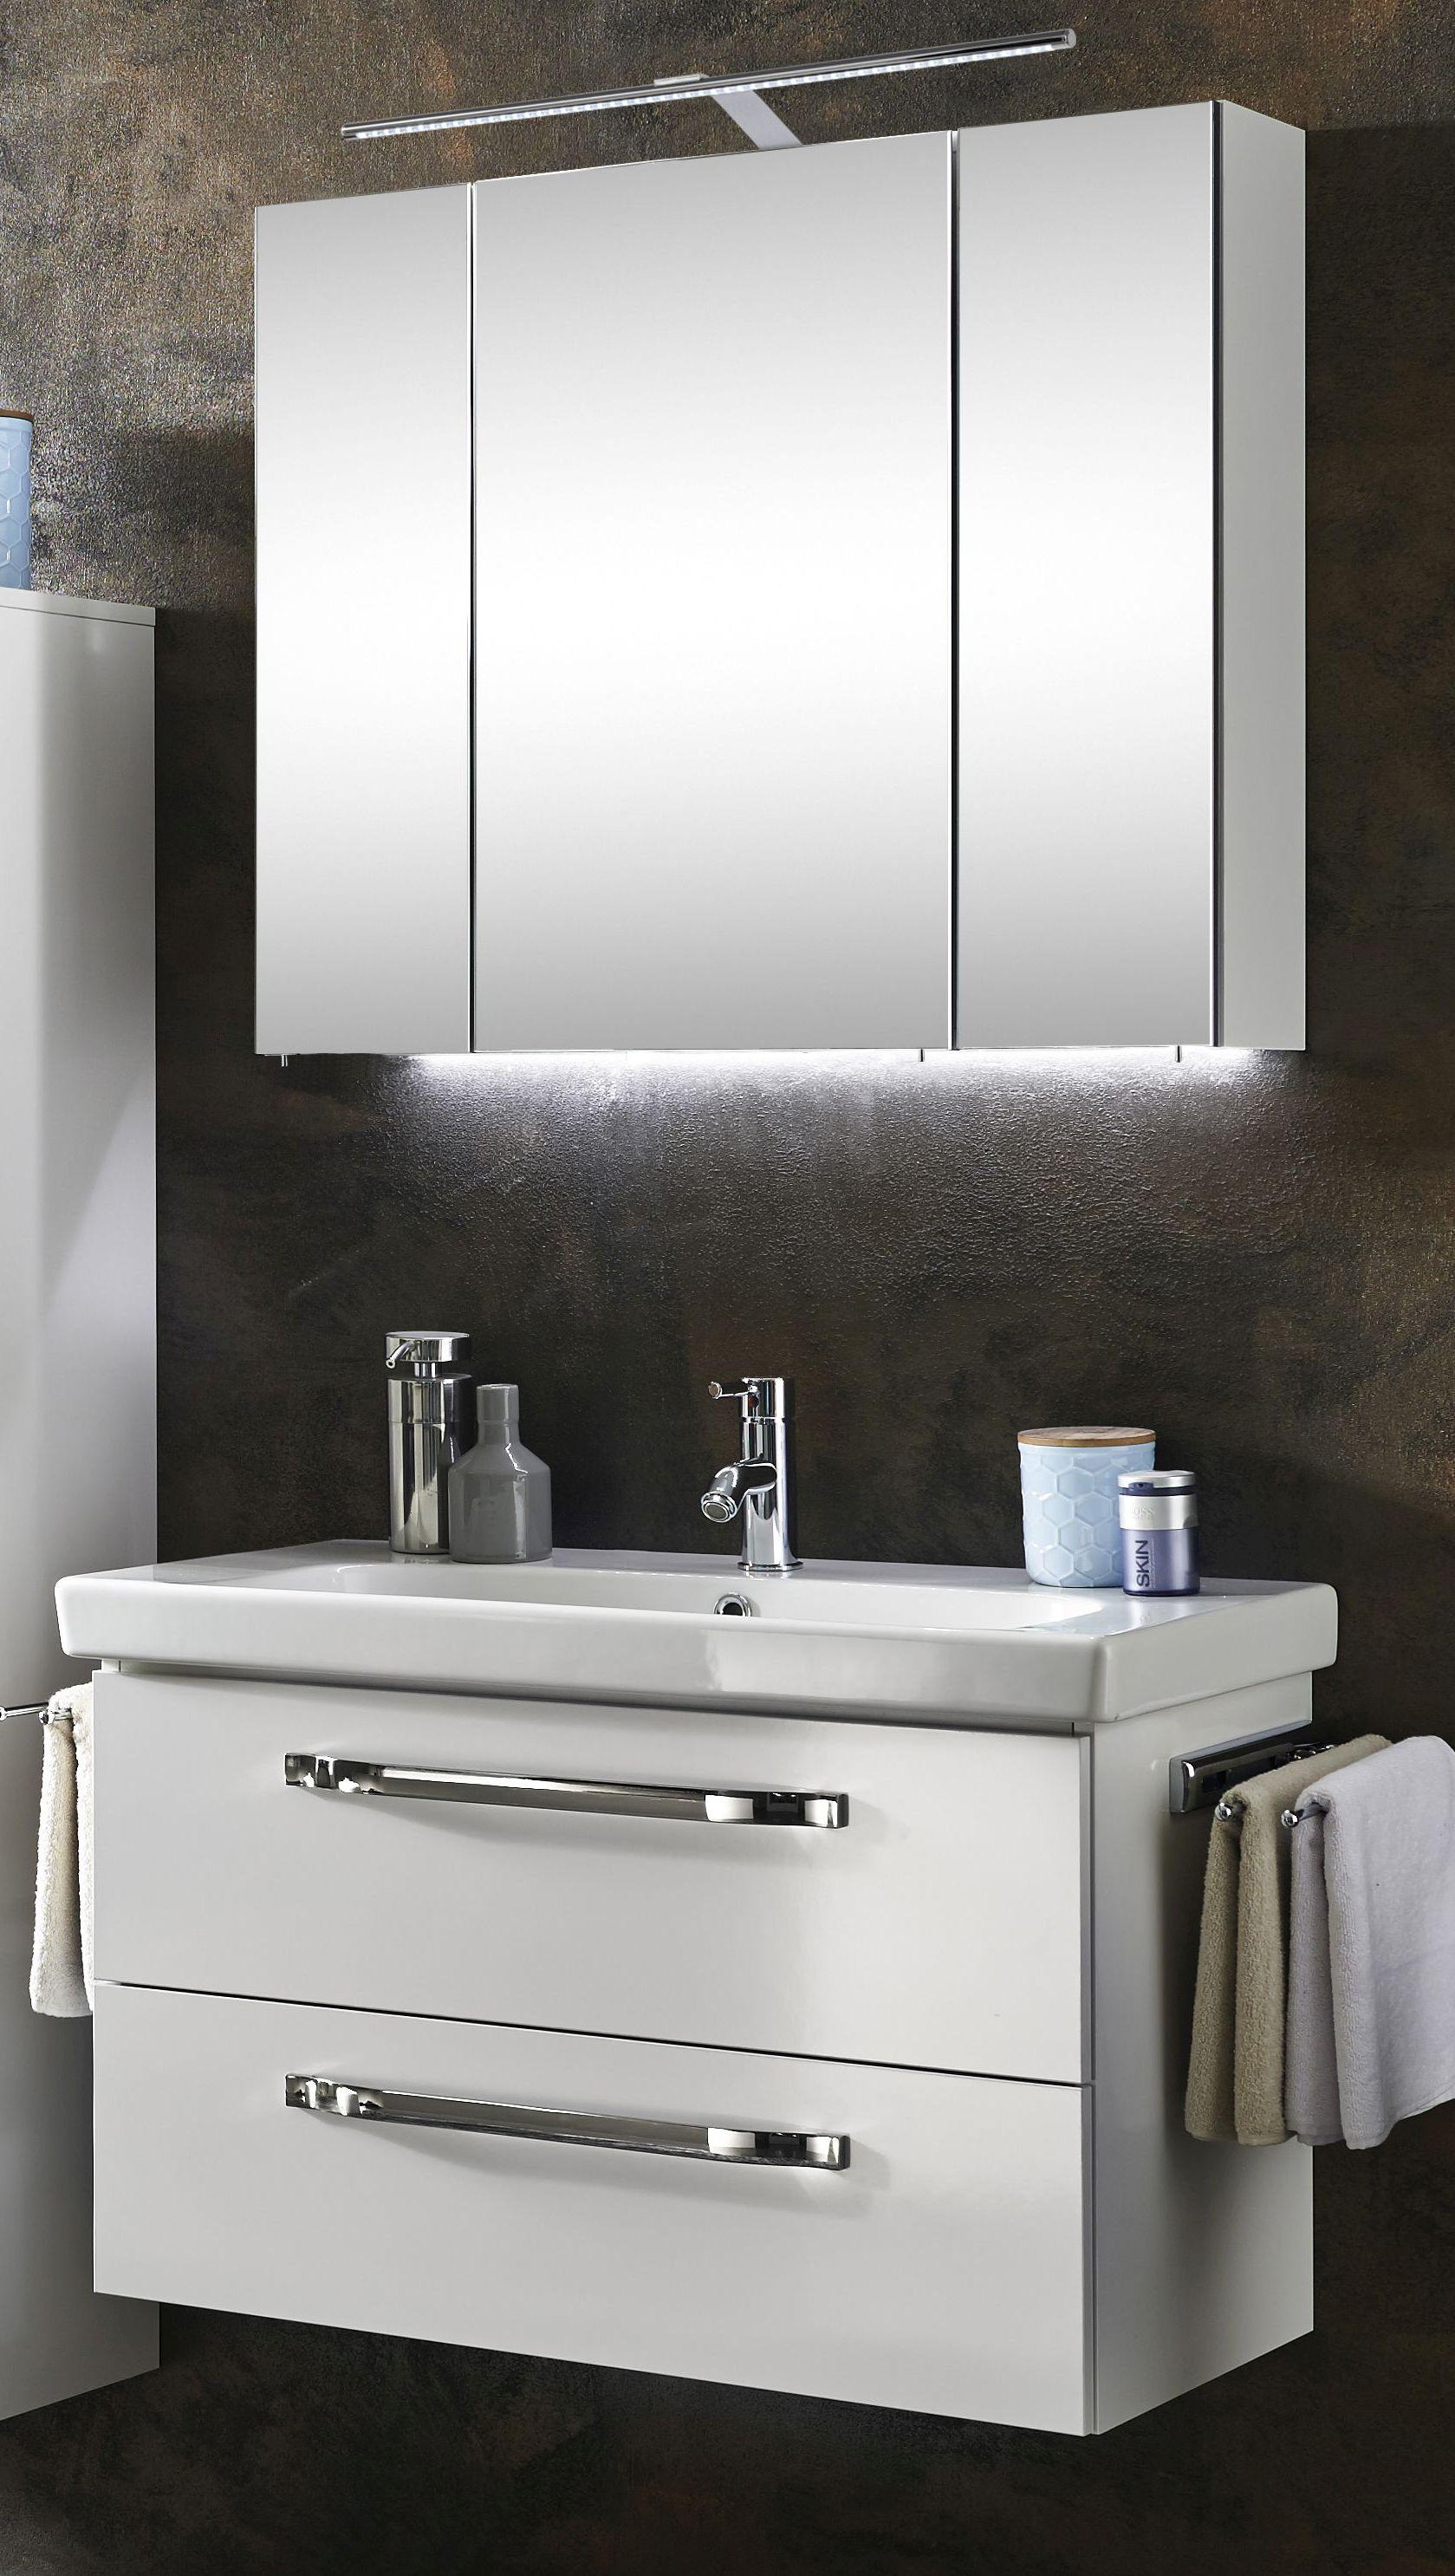 Marlin Bad 20 Badmöbel Set 20 cm breit – Spiegelschrank mit LED  Beleuchtung